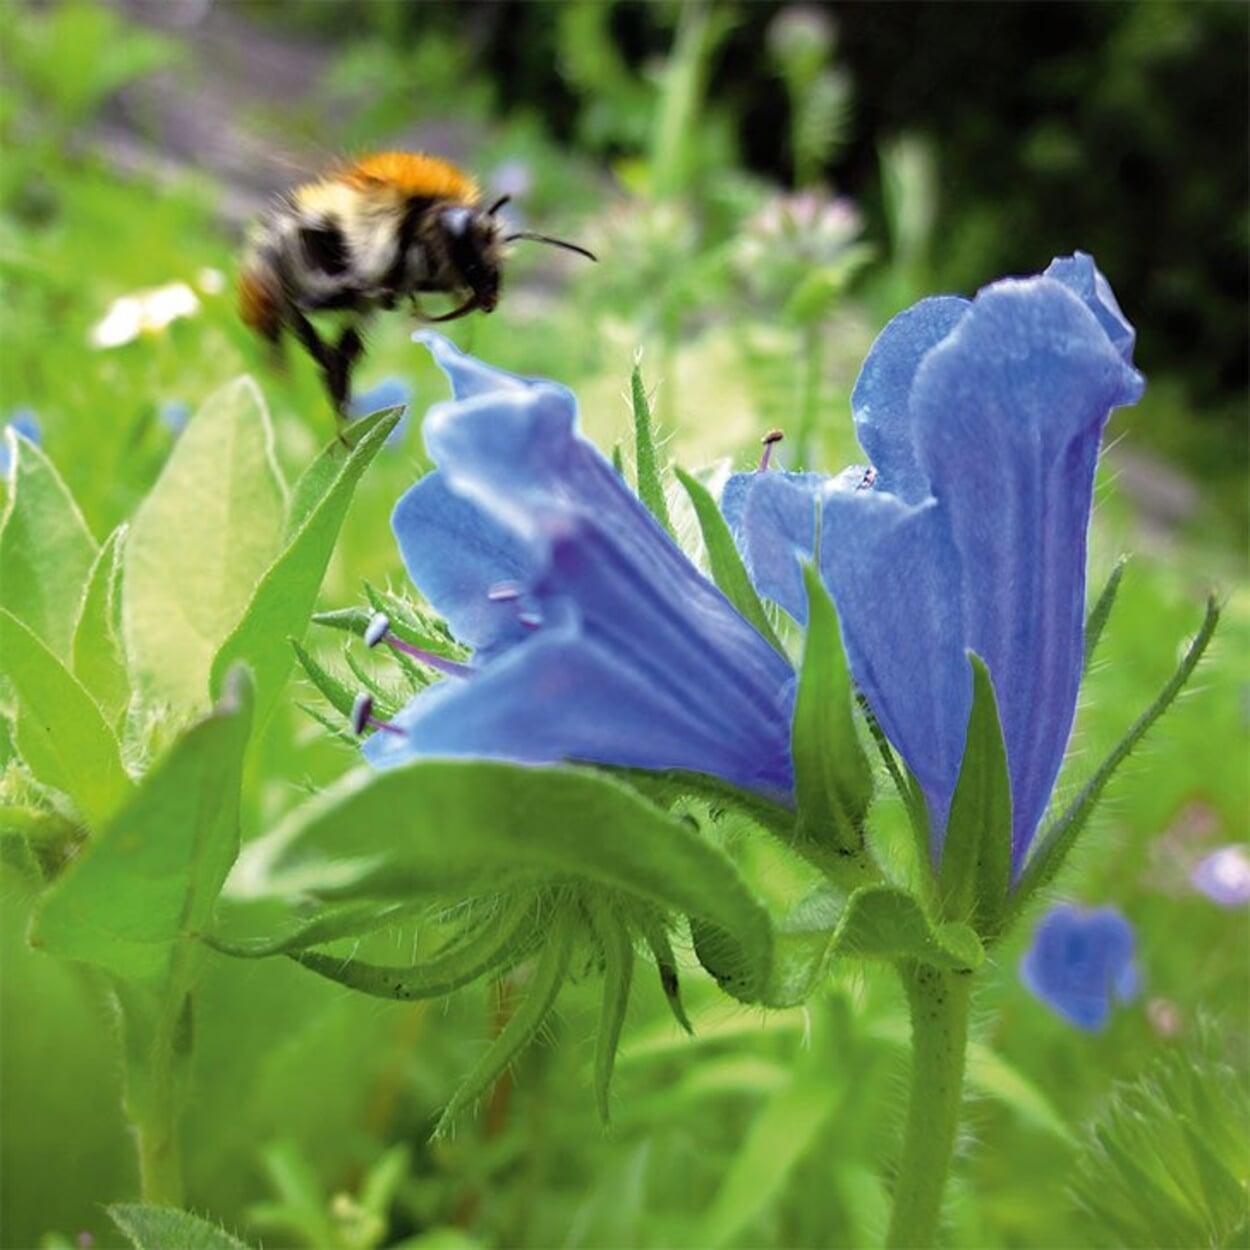 Nektarreiche Blüte des Natternkopf